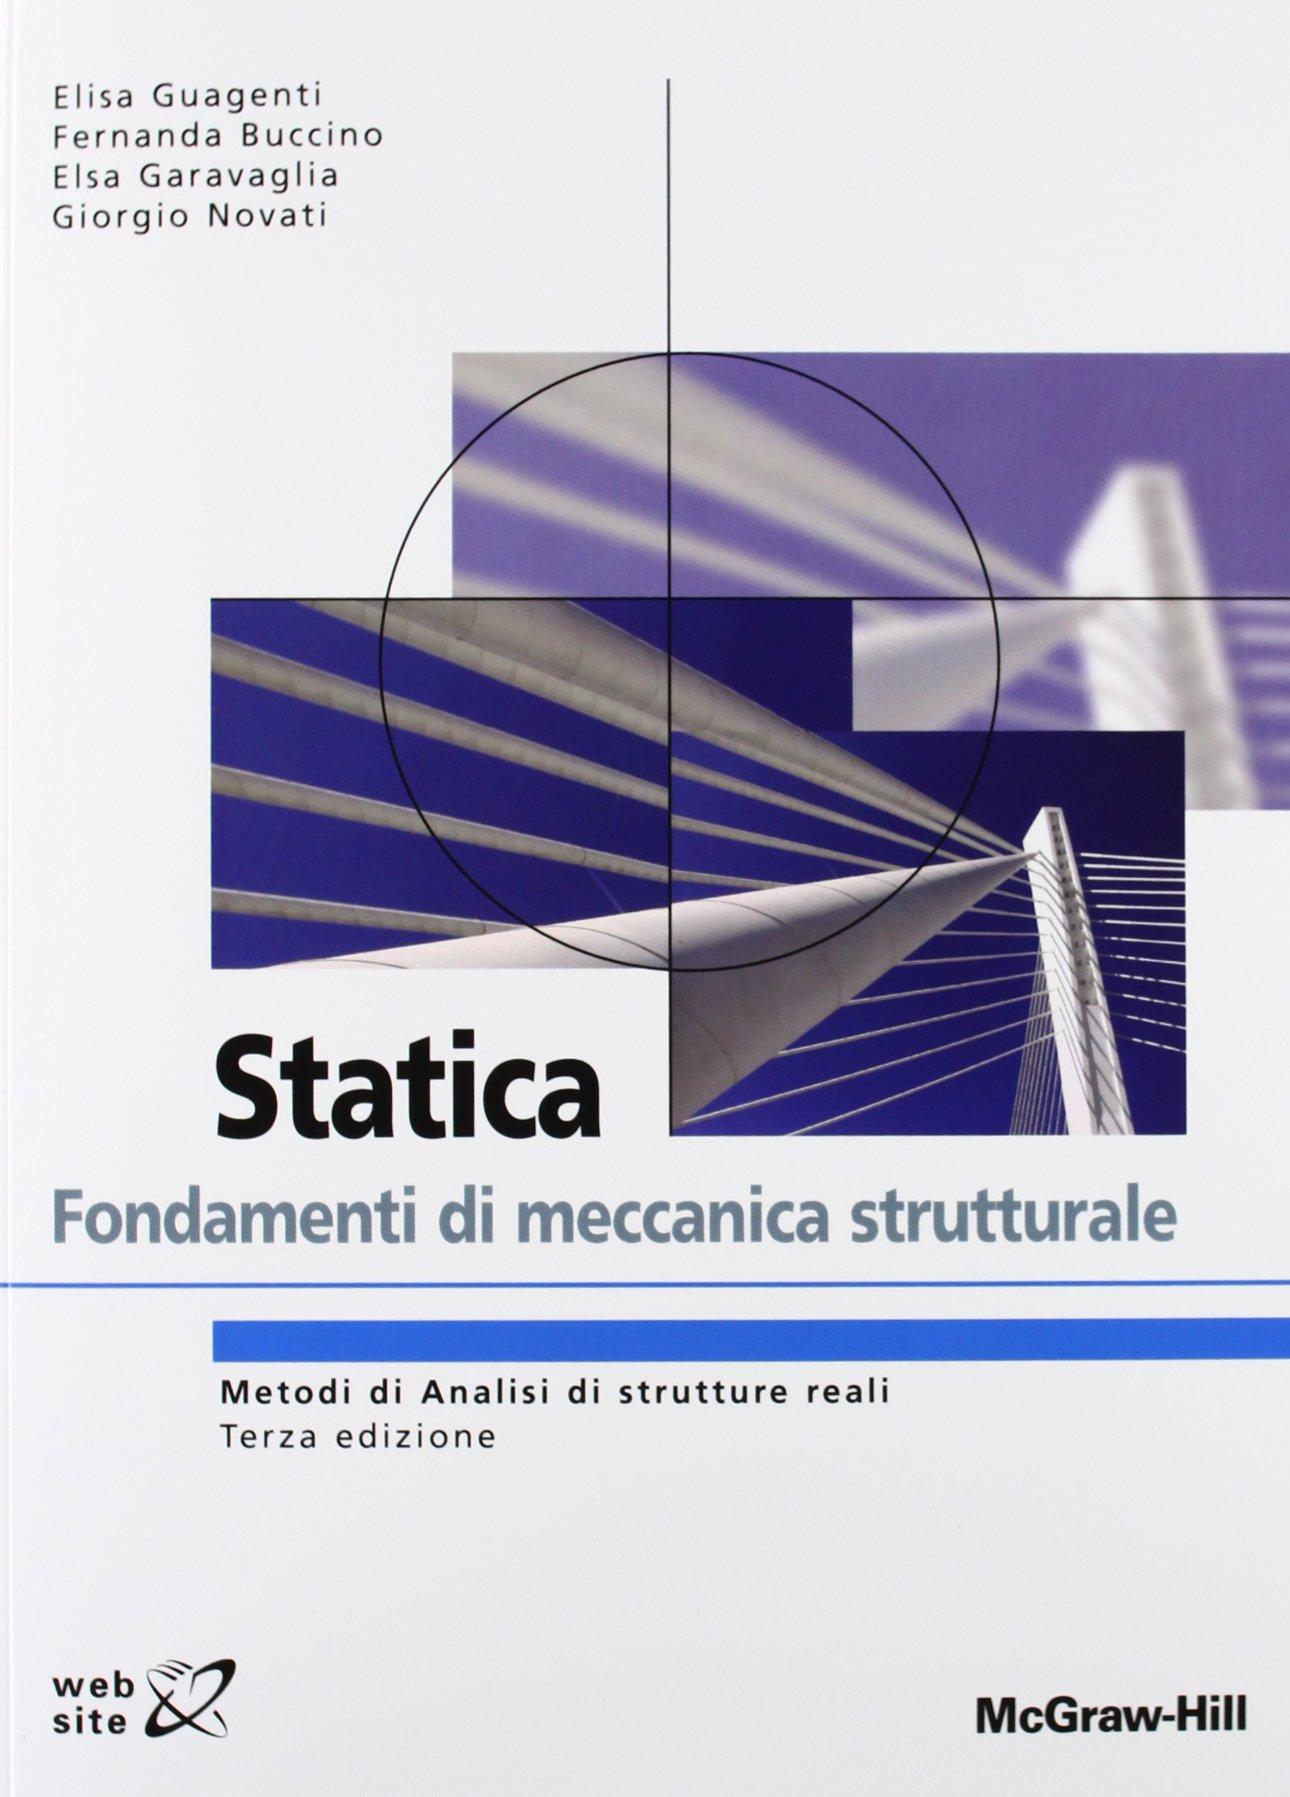 Introduzione Alla Meccanica Strutturale Pdf